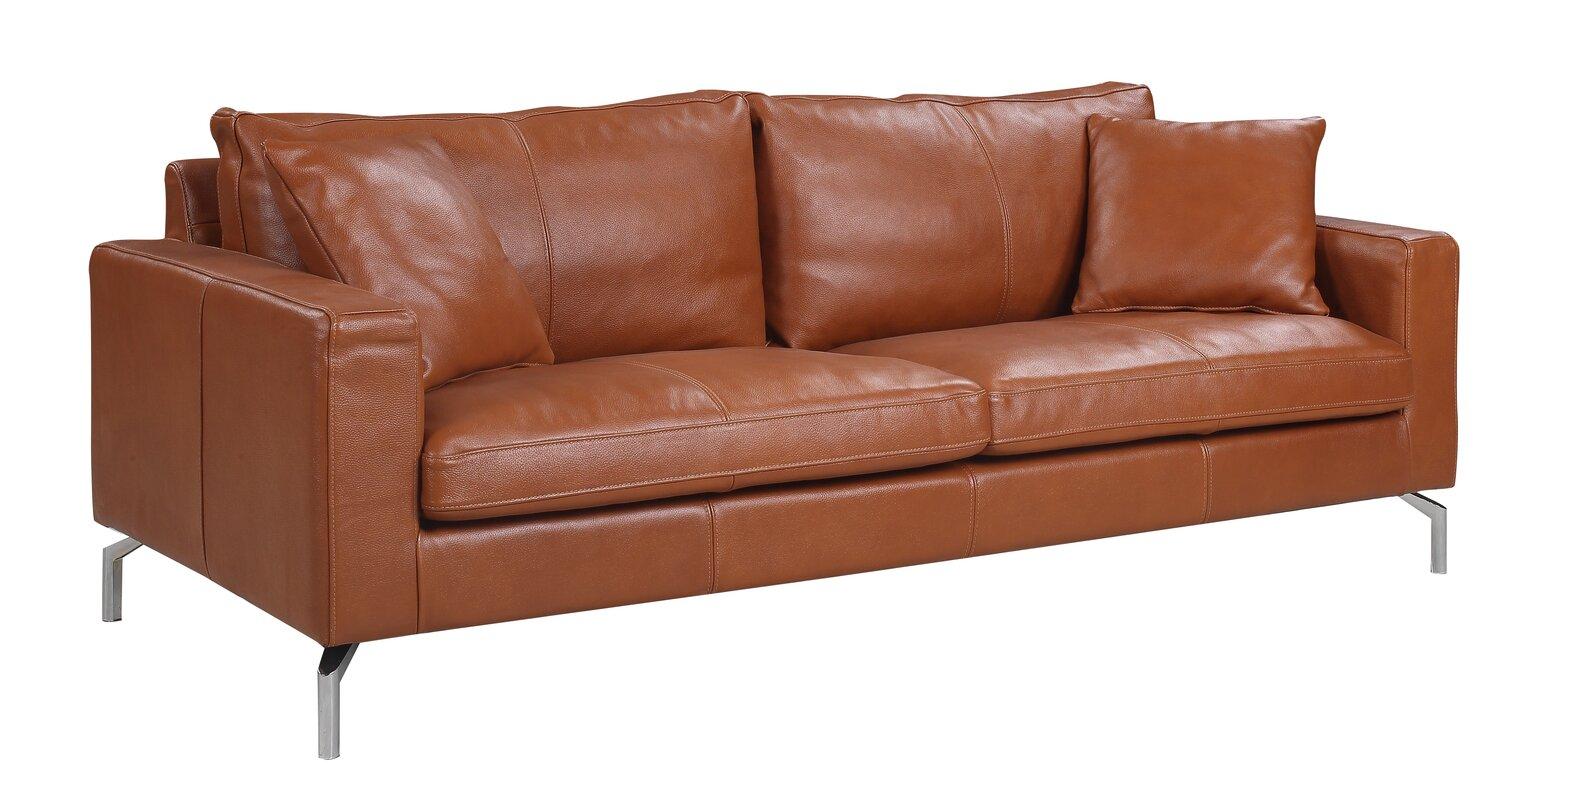 nyyear mid century modern plush top grain leather sofa. orren ellis nyyear mid century modern plush top grain leather sofa